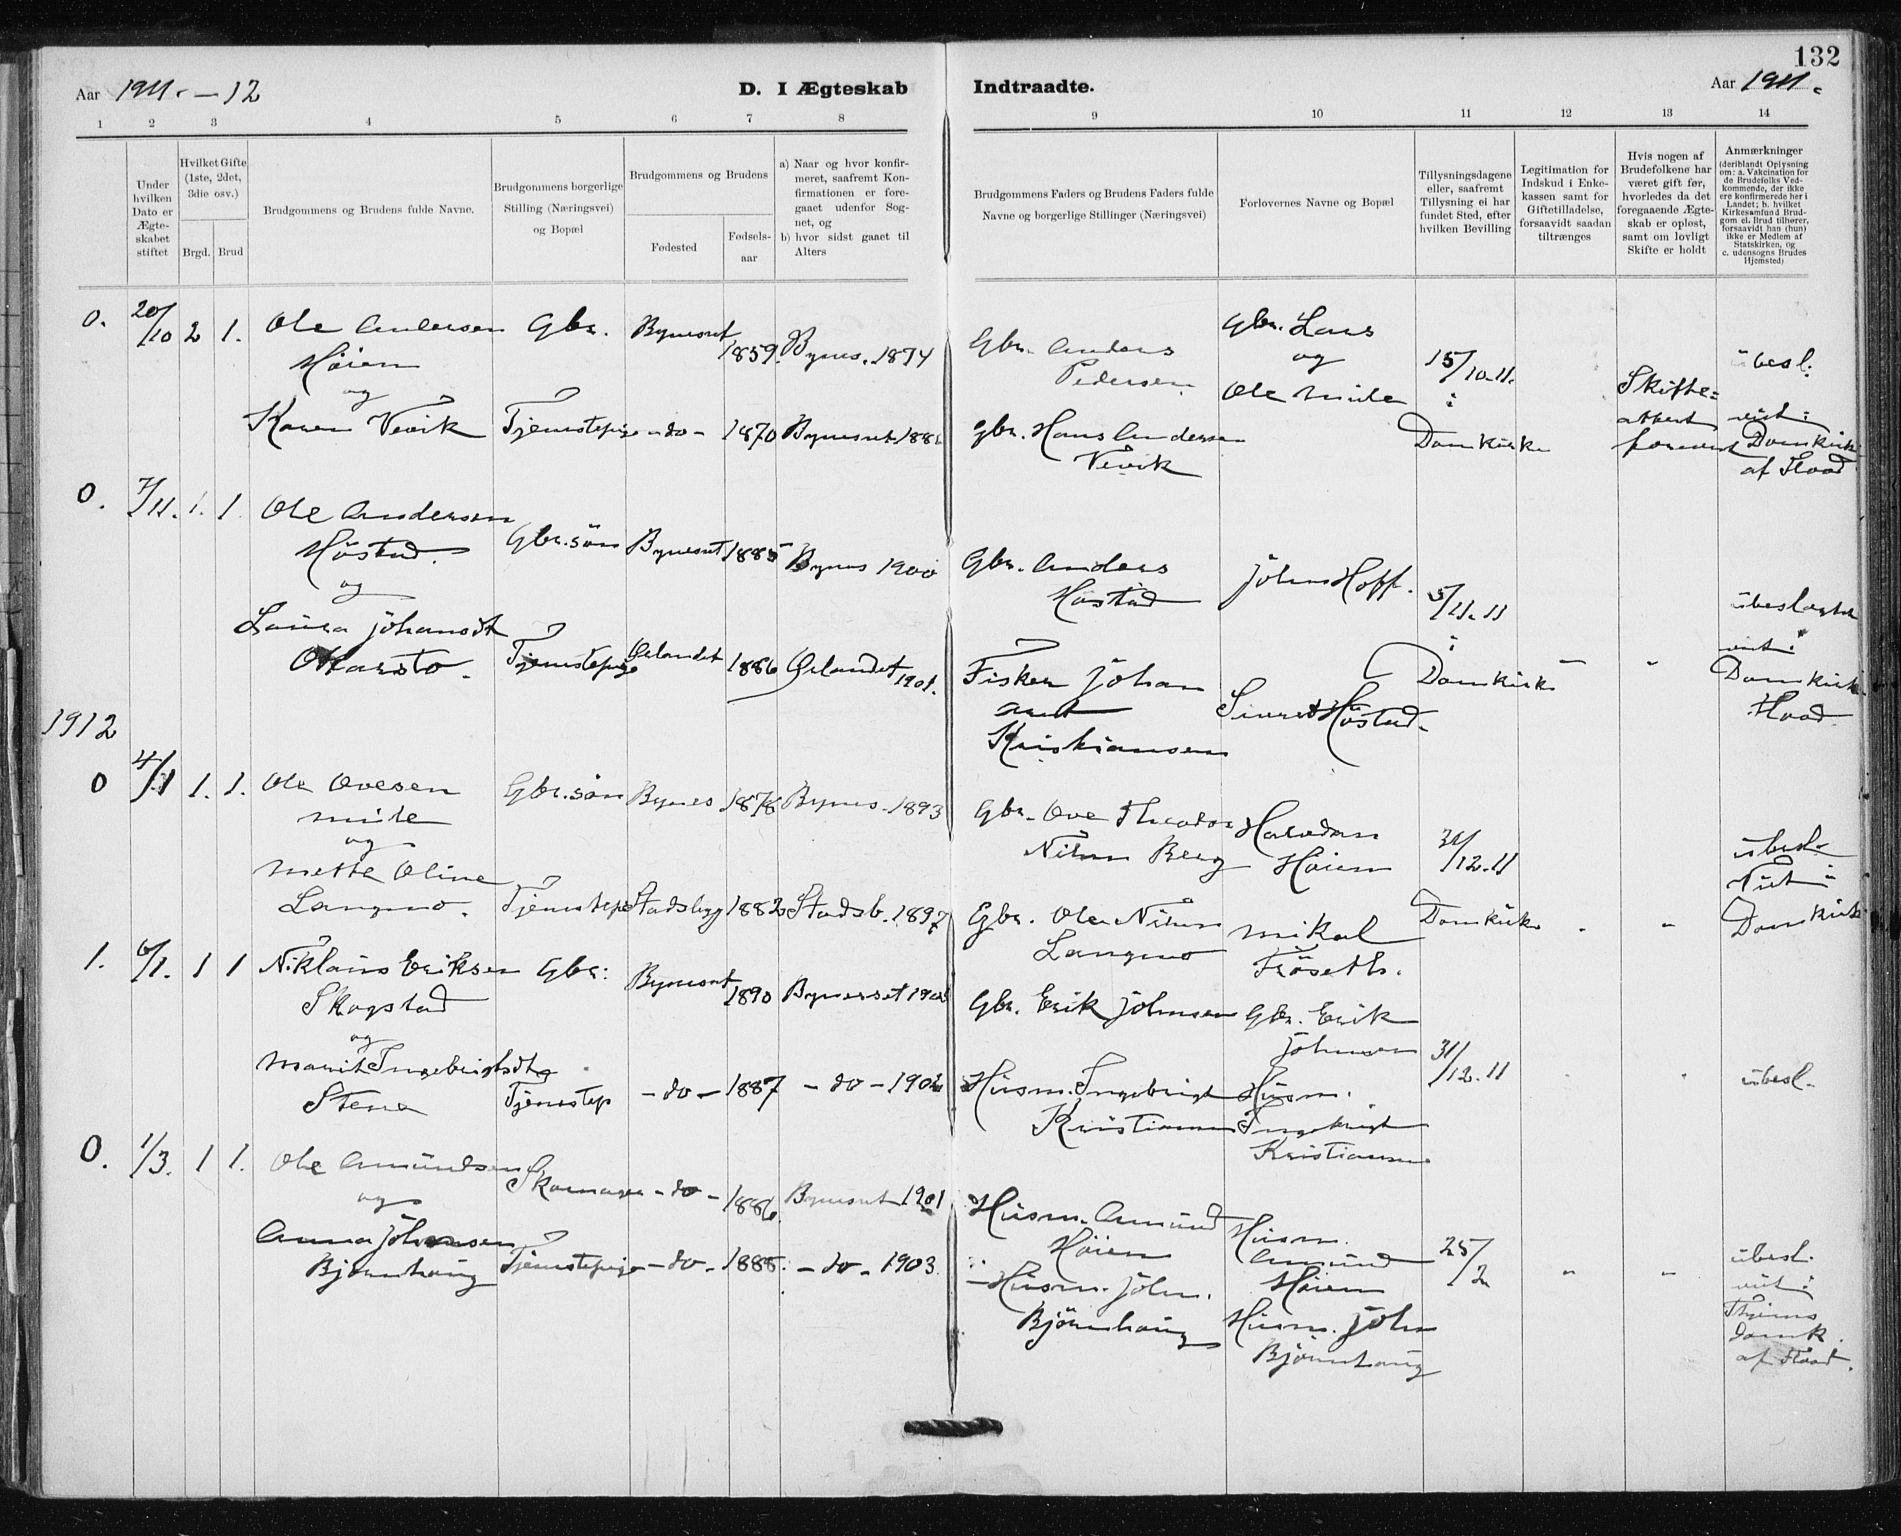 SAT, Ministerialprotokoller, klokkerbøker og fødselsregistre - Sør-Trøndelag, 612/L0381: Ministerialbok nr. 612A13, 1907-1923, s. 132